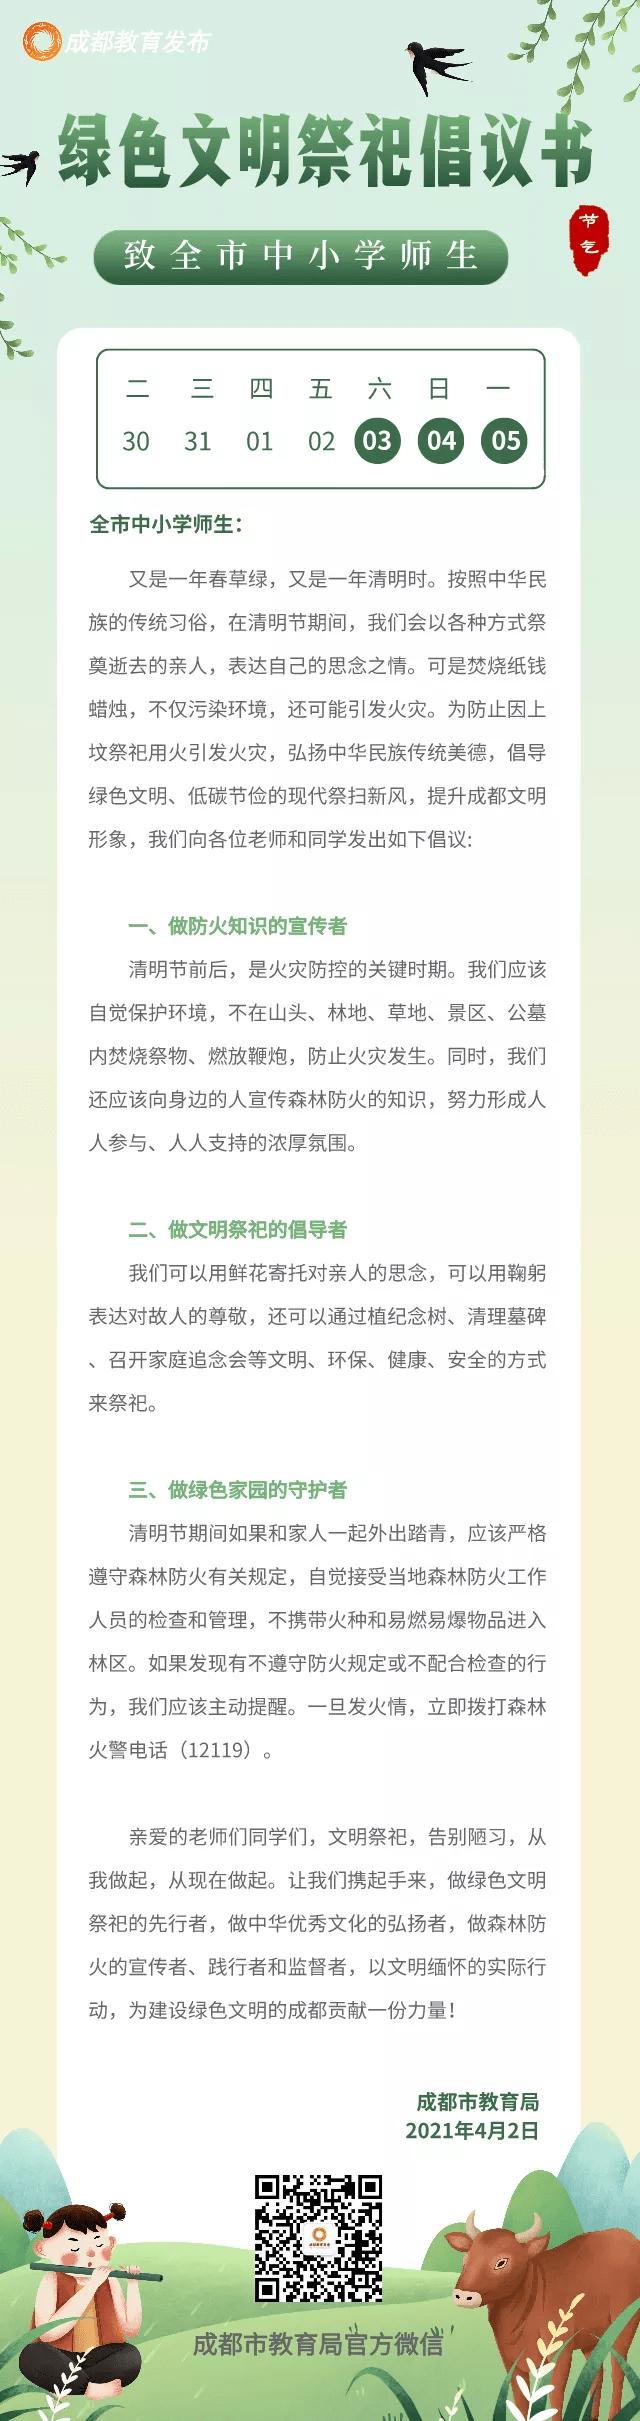 @成都市中小学师生:这里有一封市教育局的信请查收